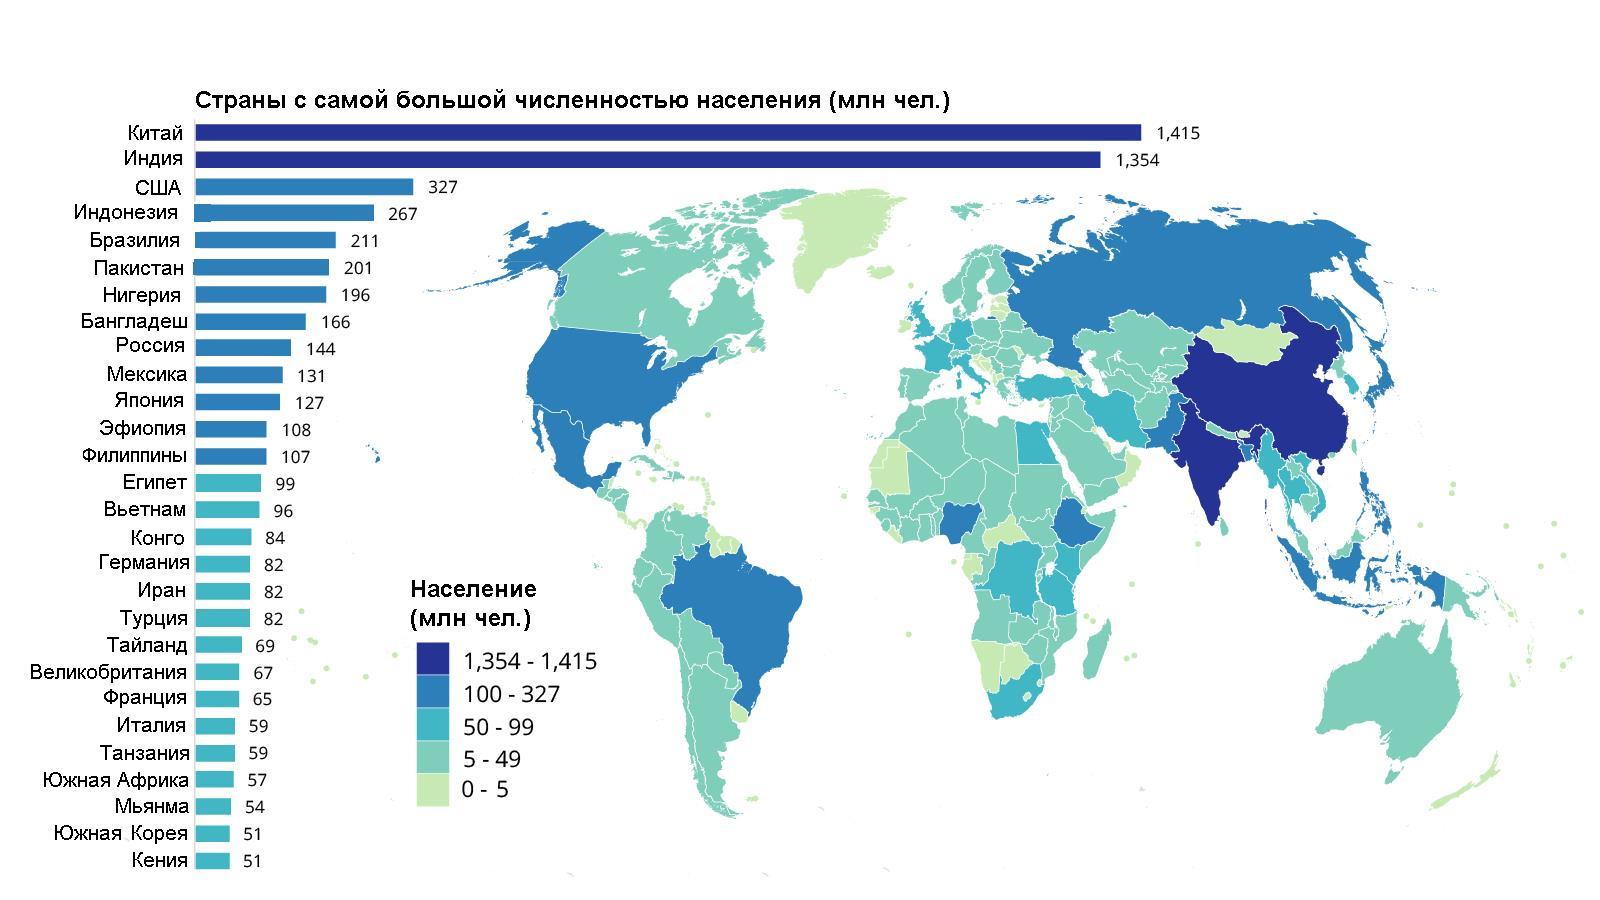 Численность населения в мире (по данным на 2018 г.)